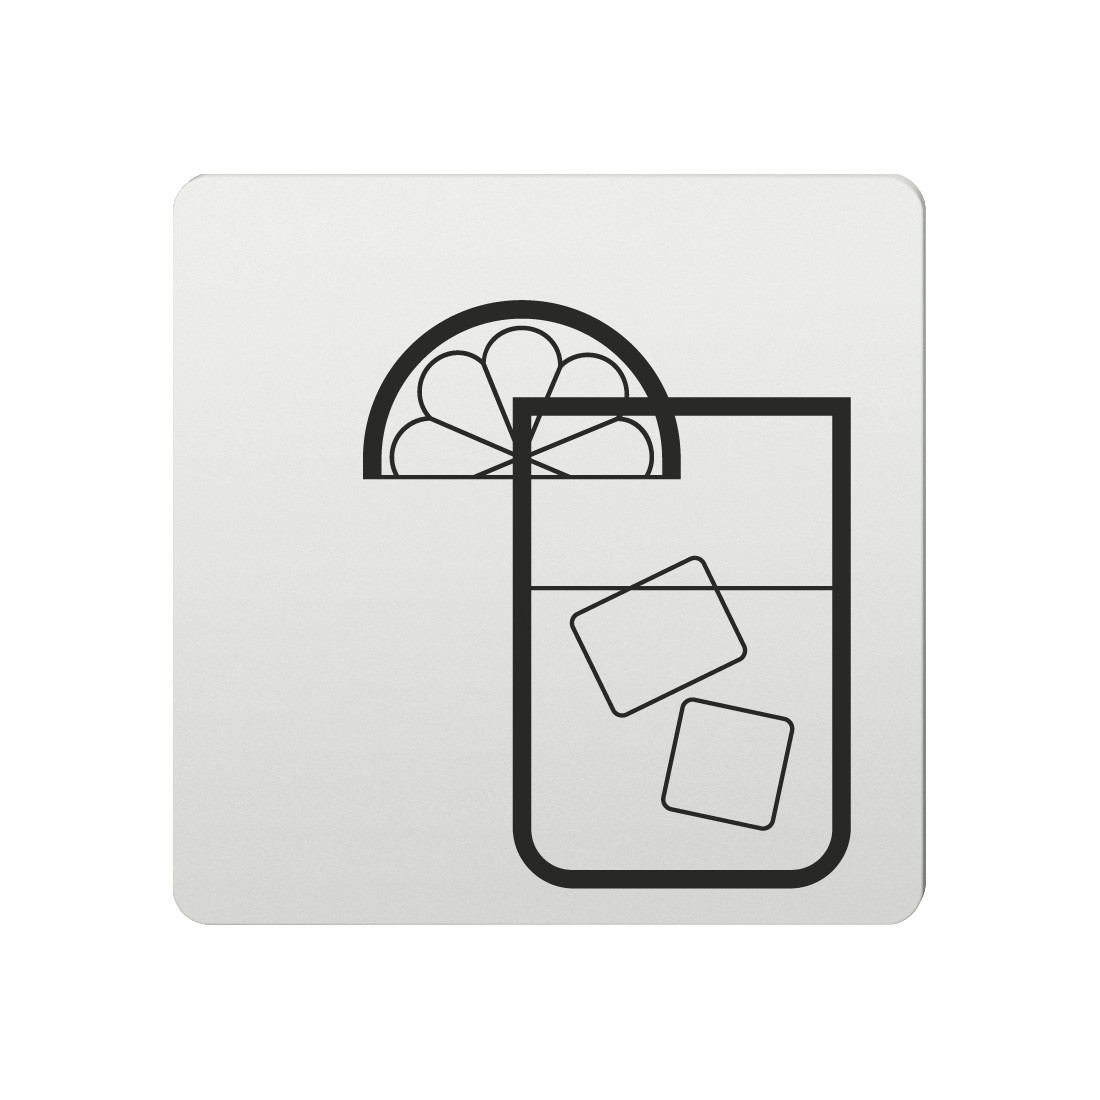 FSB Hinweiszeichen Bar Lasergraviert Aluminium naturfarbig (0 36 4059 00313 0105)